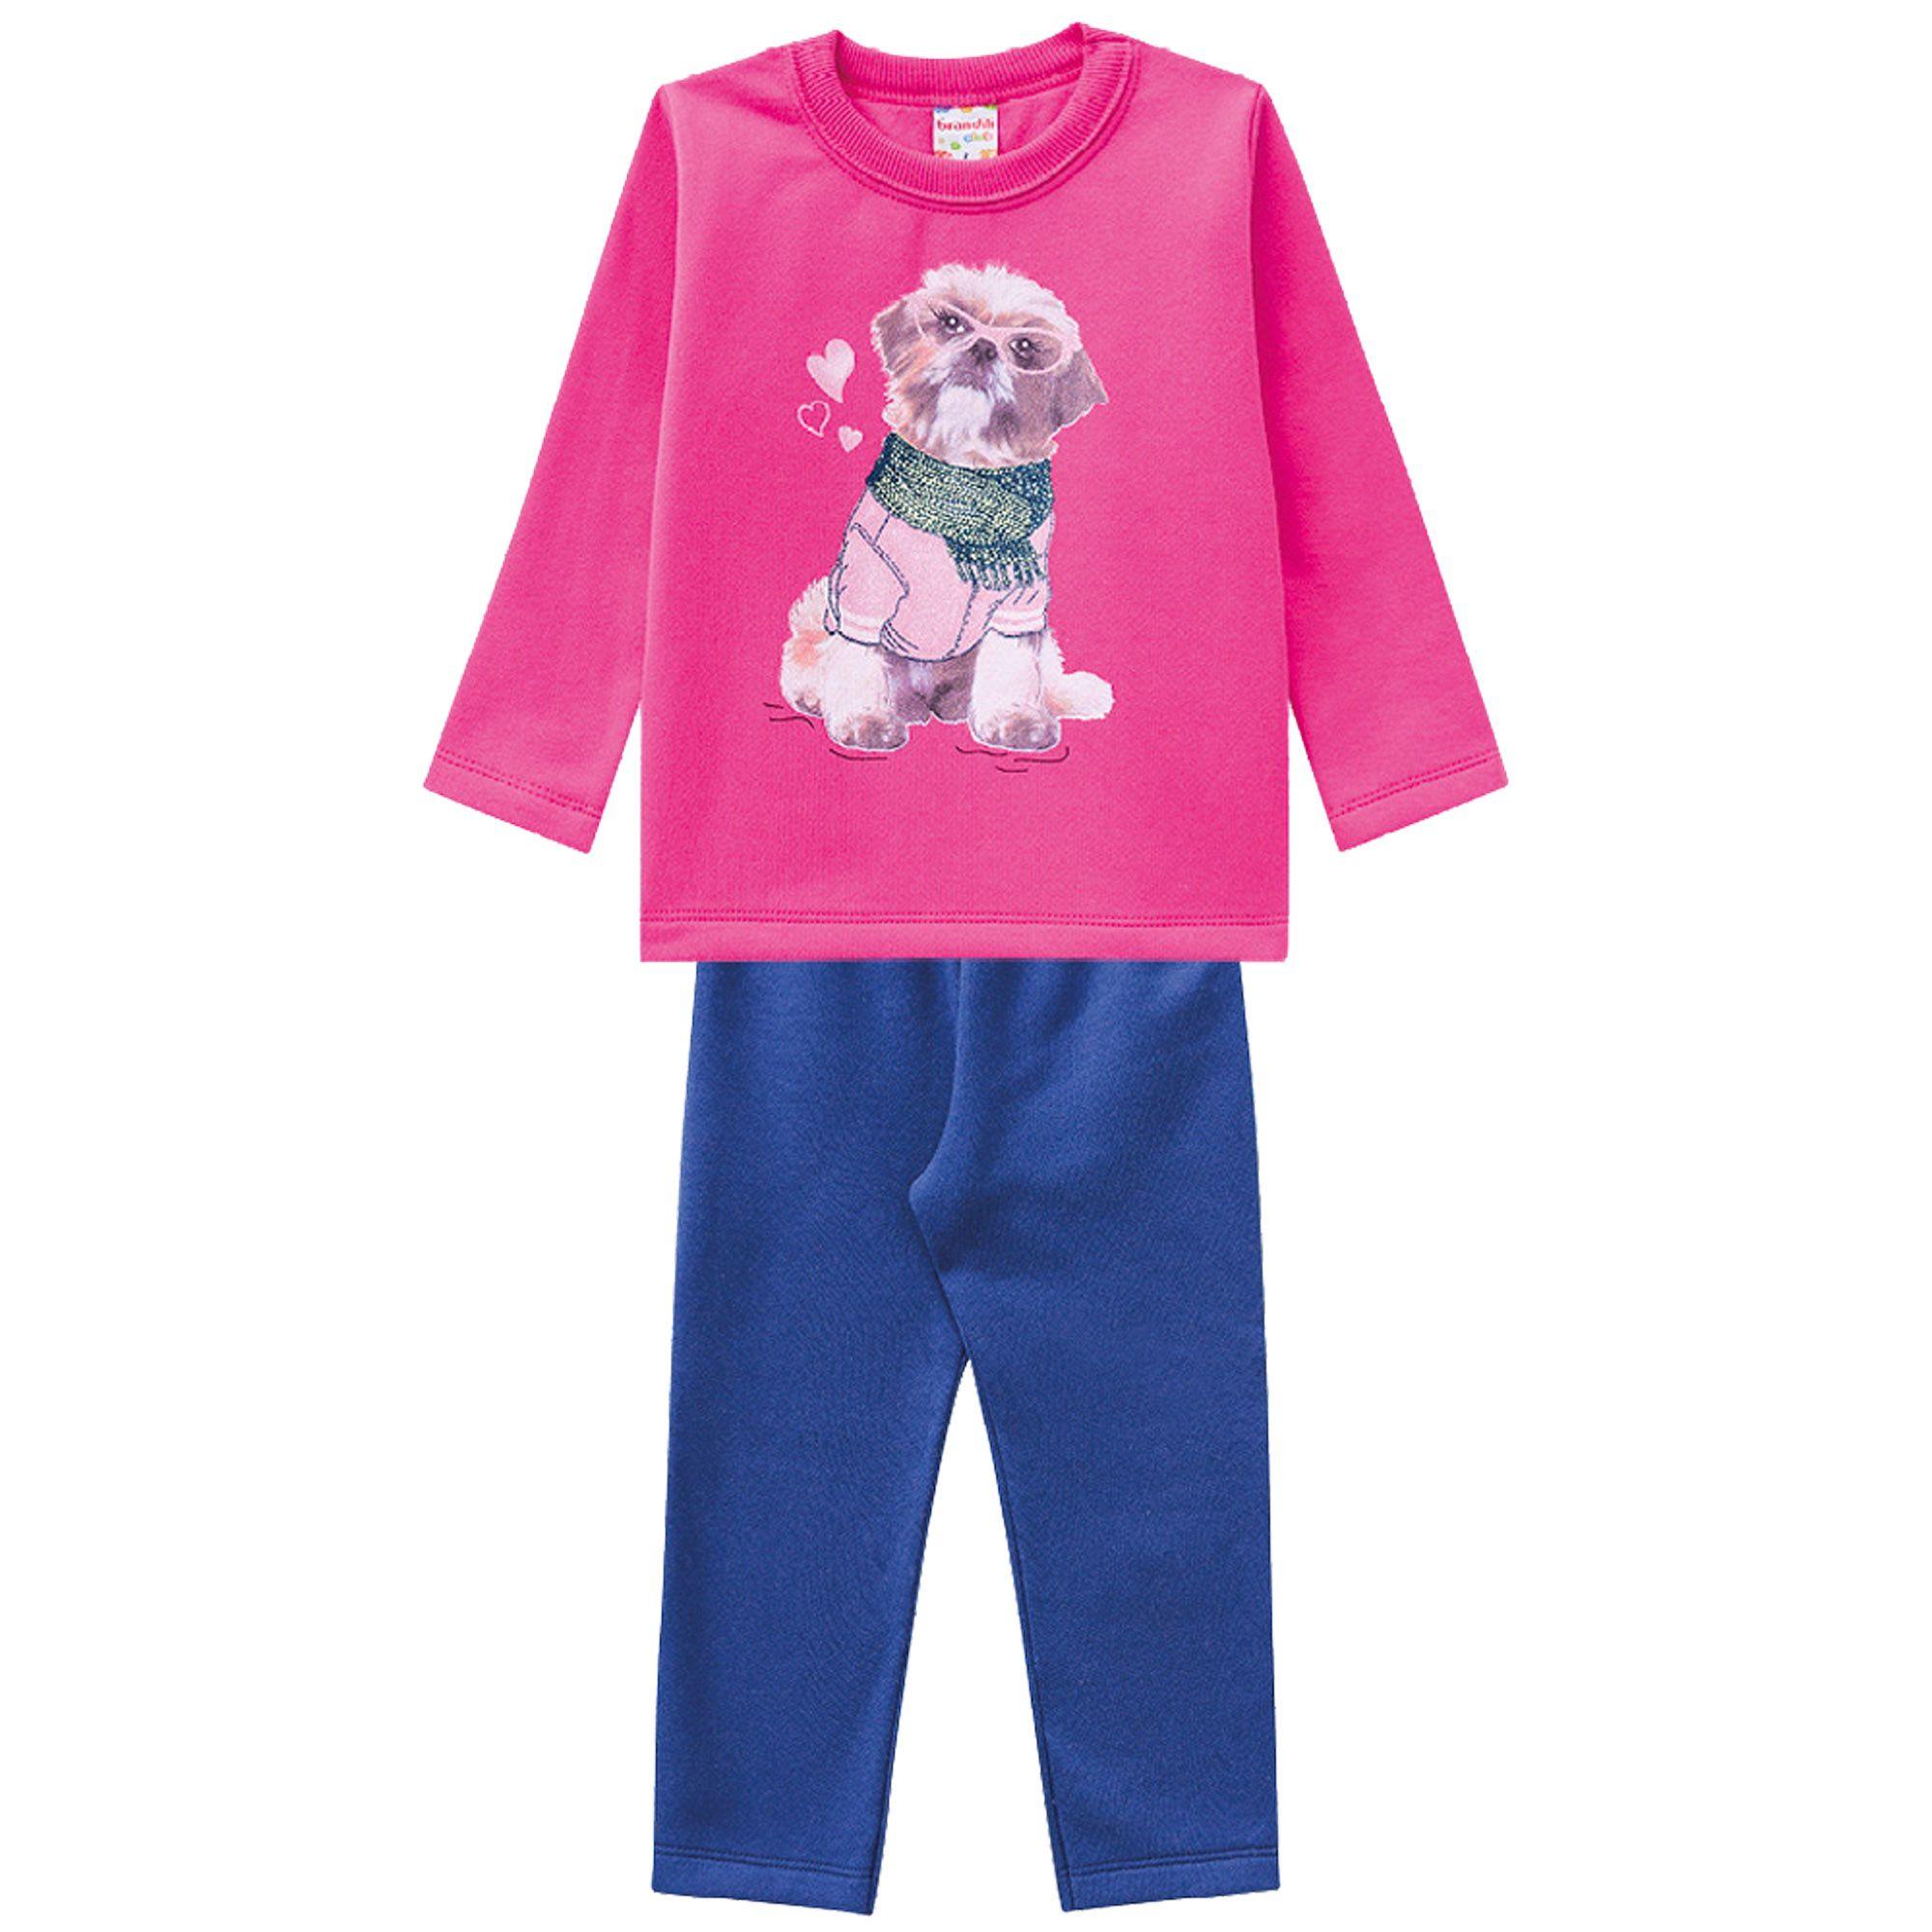 Conjunto Inverno Brandili Club Estampado Cão com Óculos e Cachecol Glitter e Calça Moletom - 01 ao 03